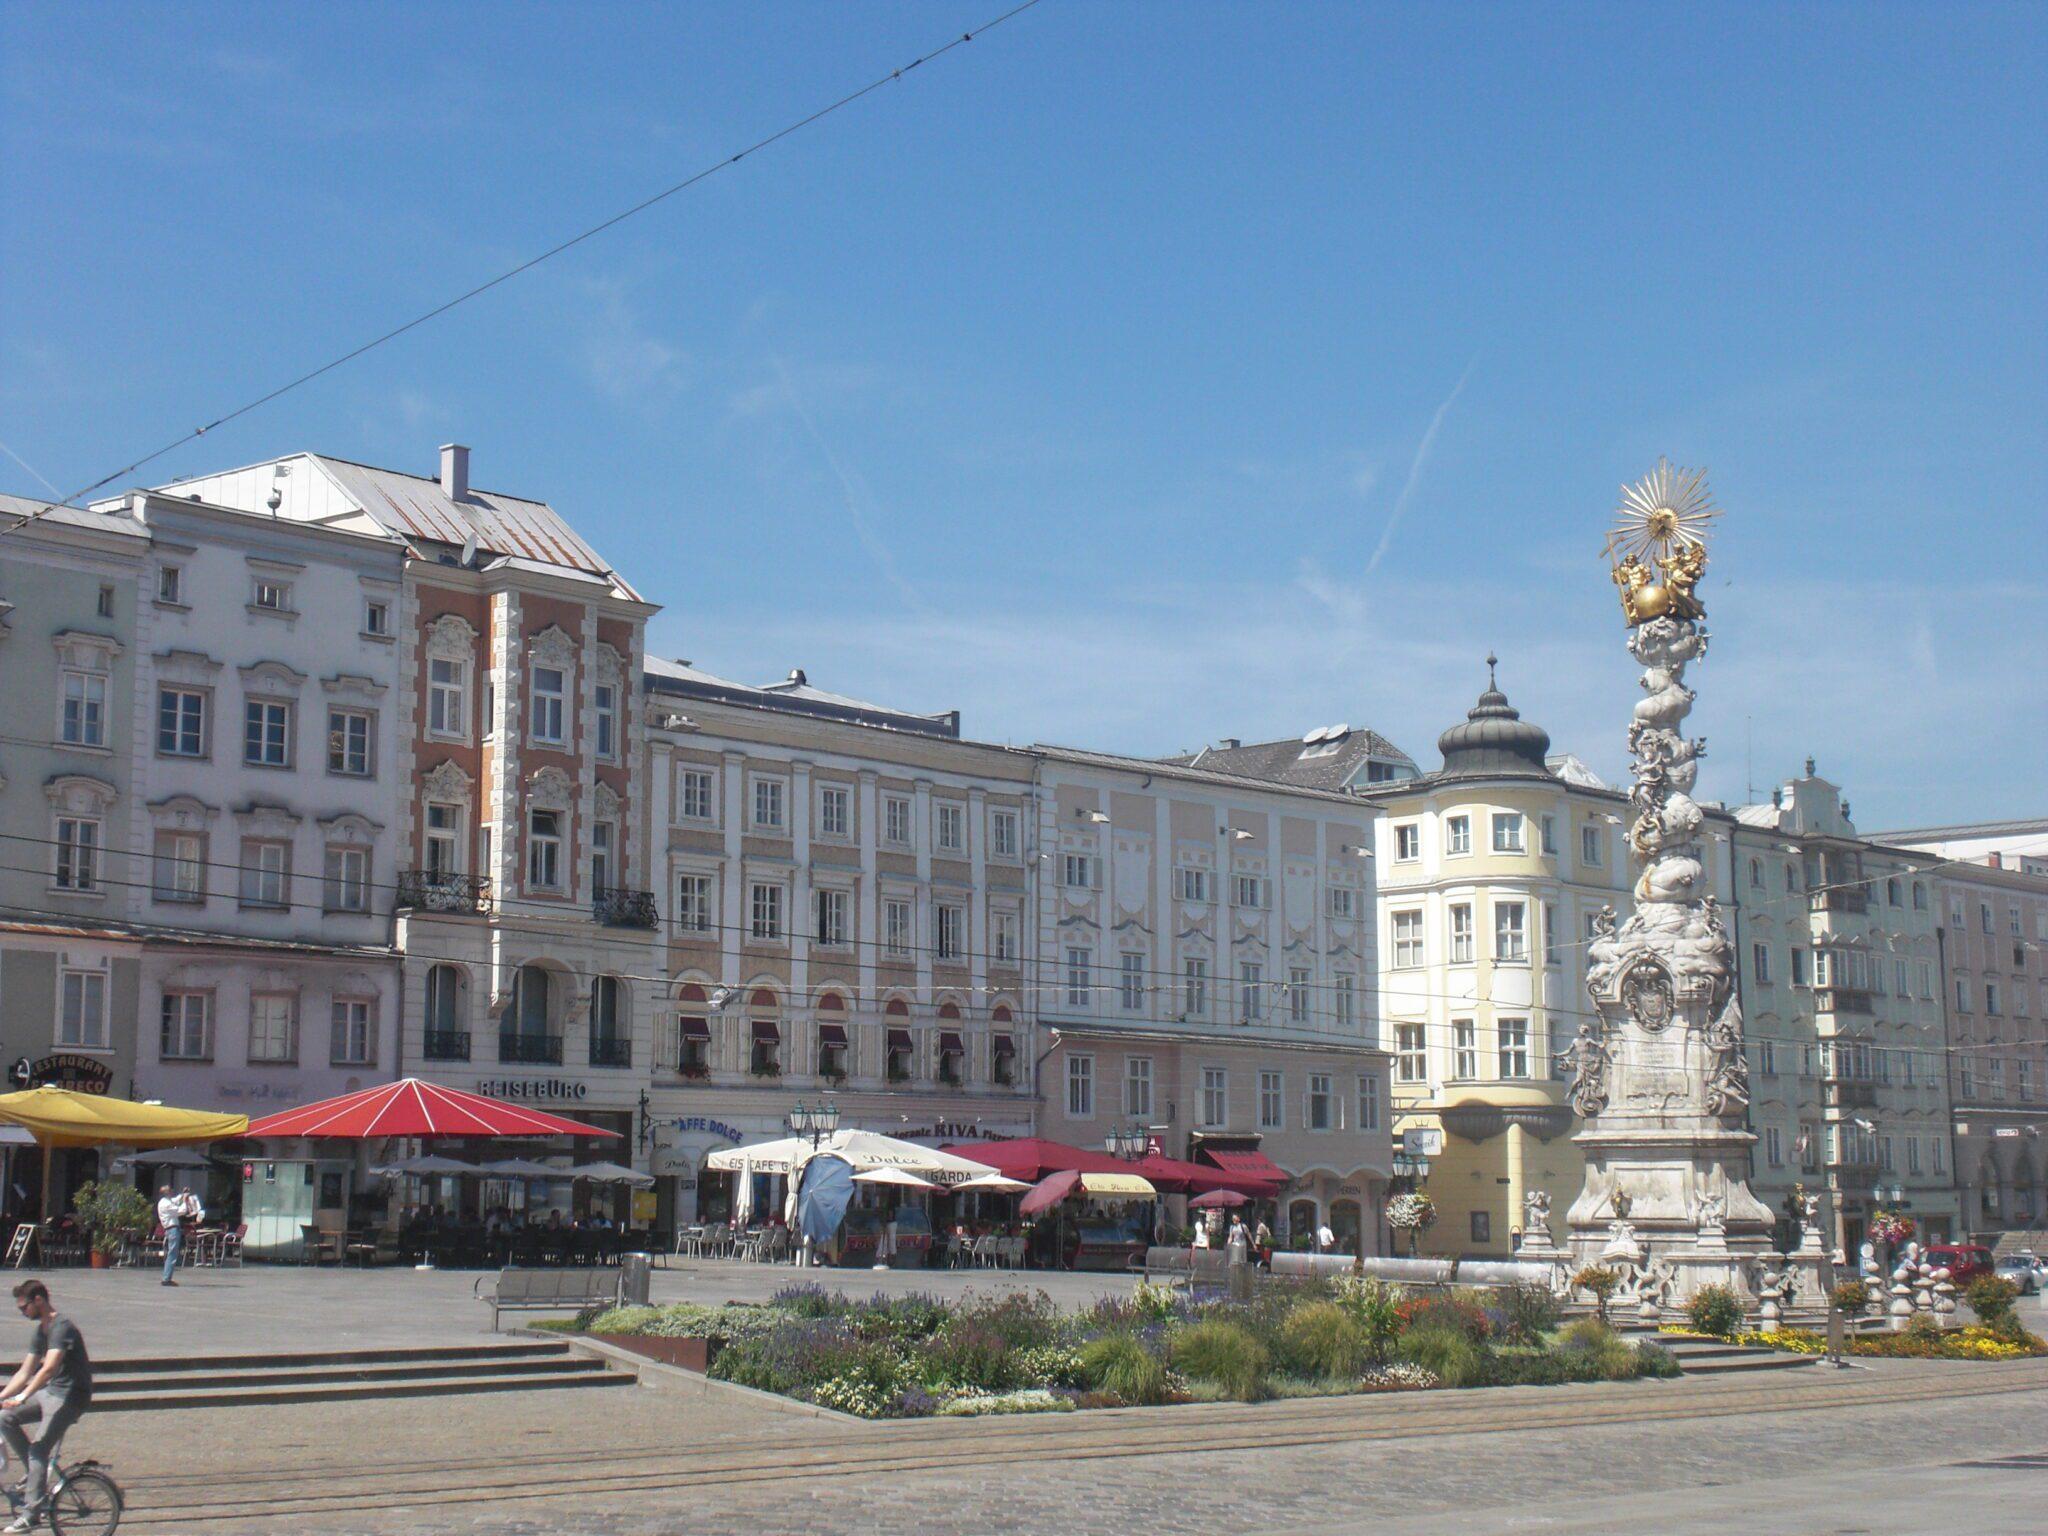 Λιντς: Ανακαλύψτε την πόλη των καλών τεχνών της Αυστρίας